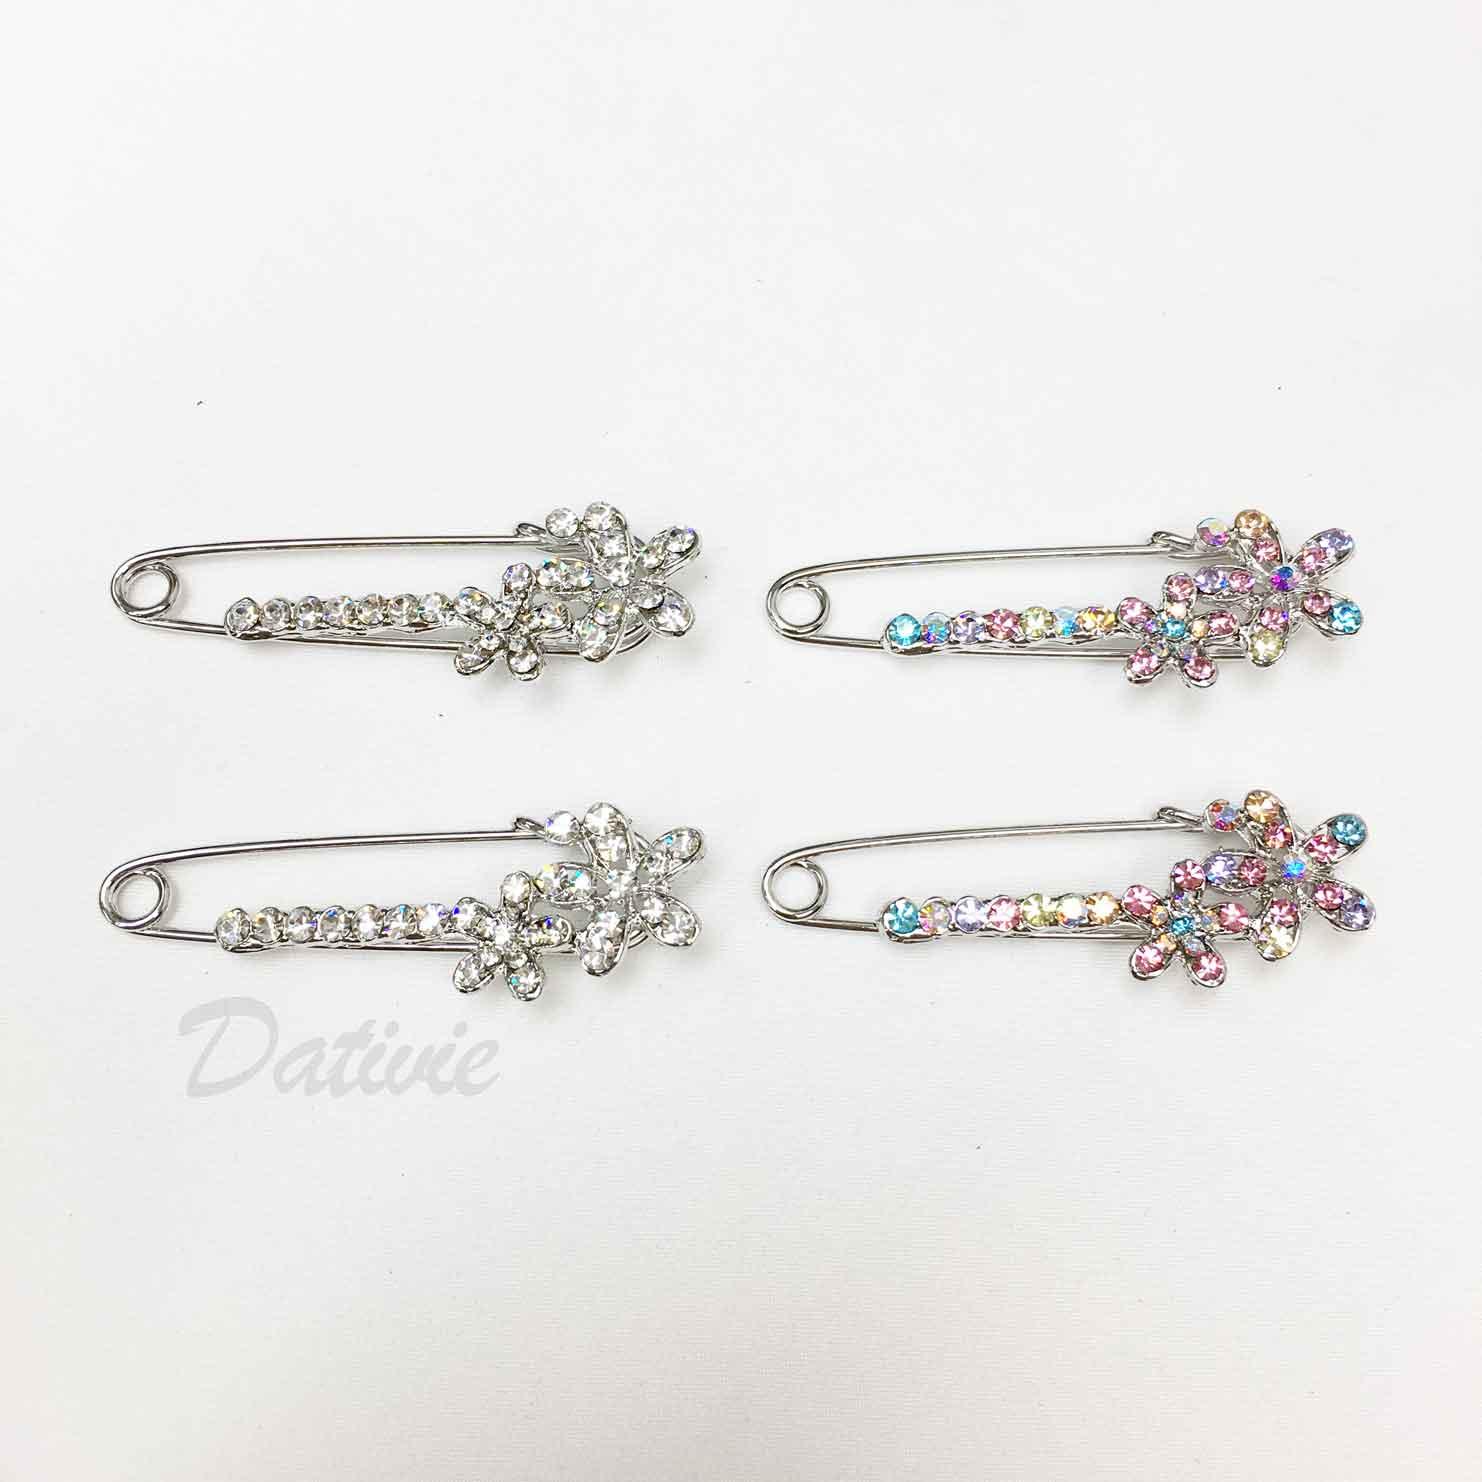 別針造型 花朵 彩色水鑽 可愛 兩色 二入一組 胸針